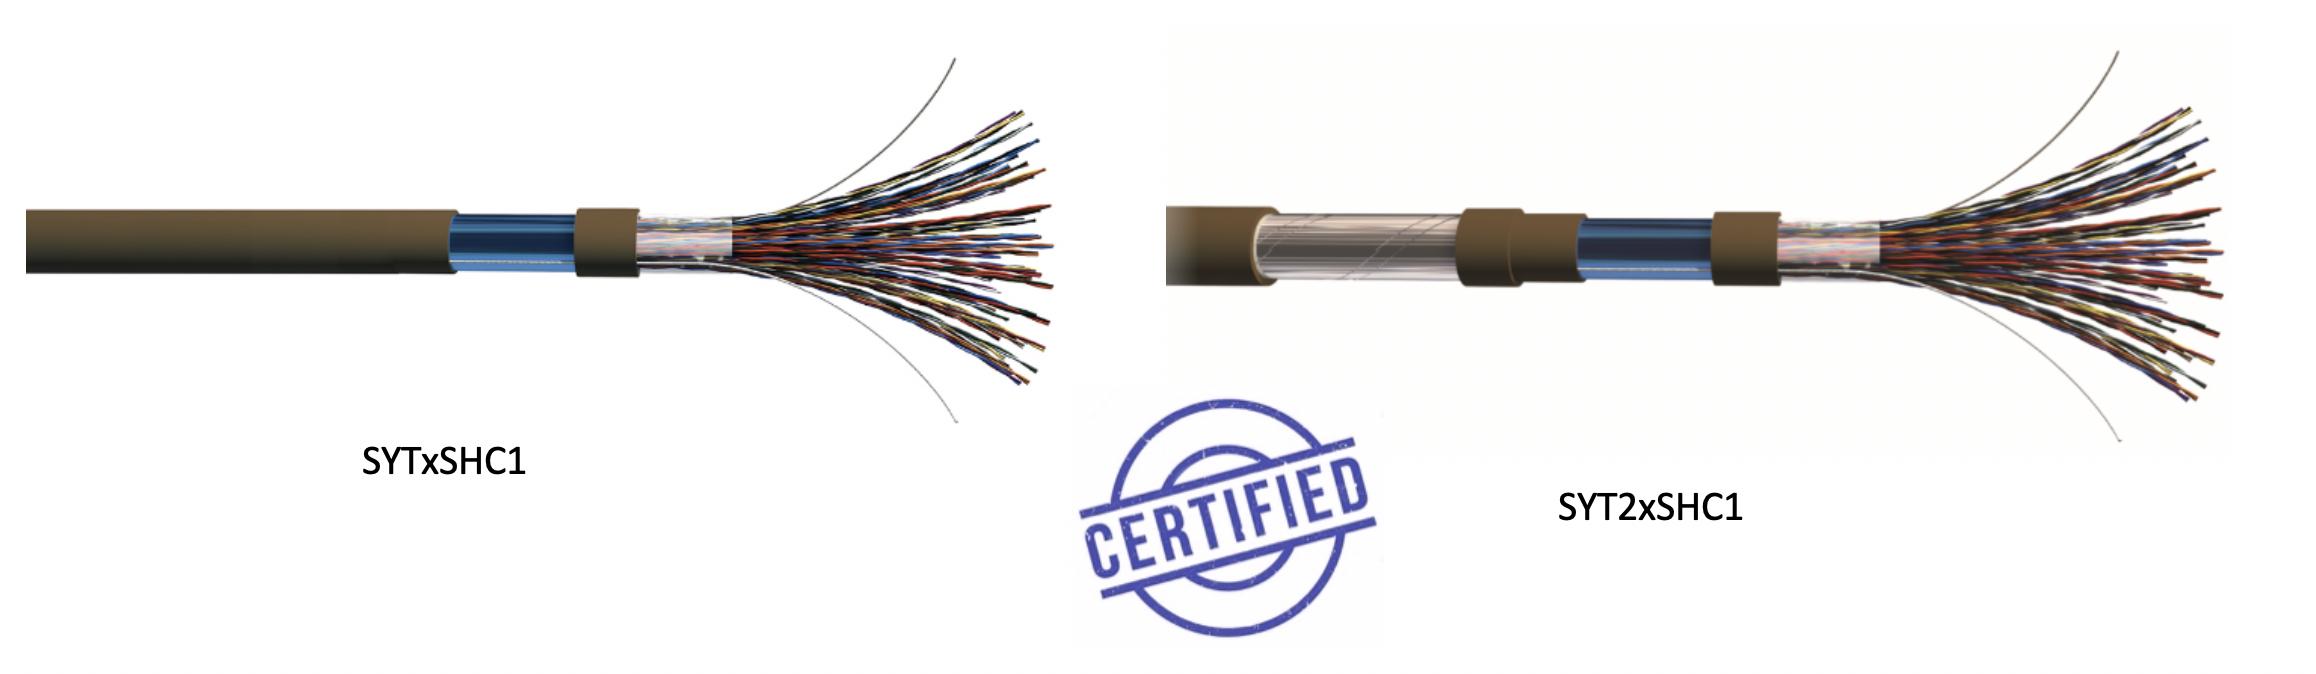 Câble SYT et câble SYT2 certifié LSZH